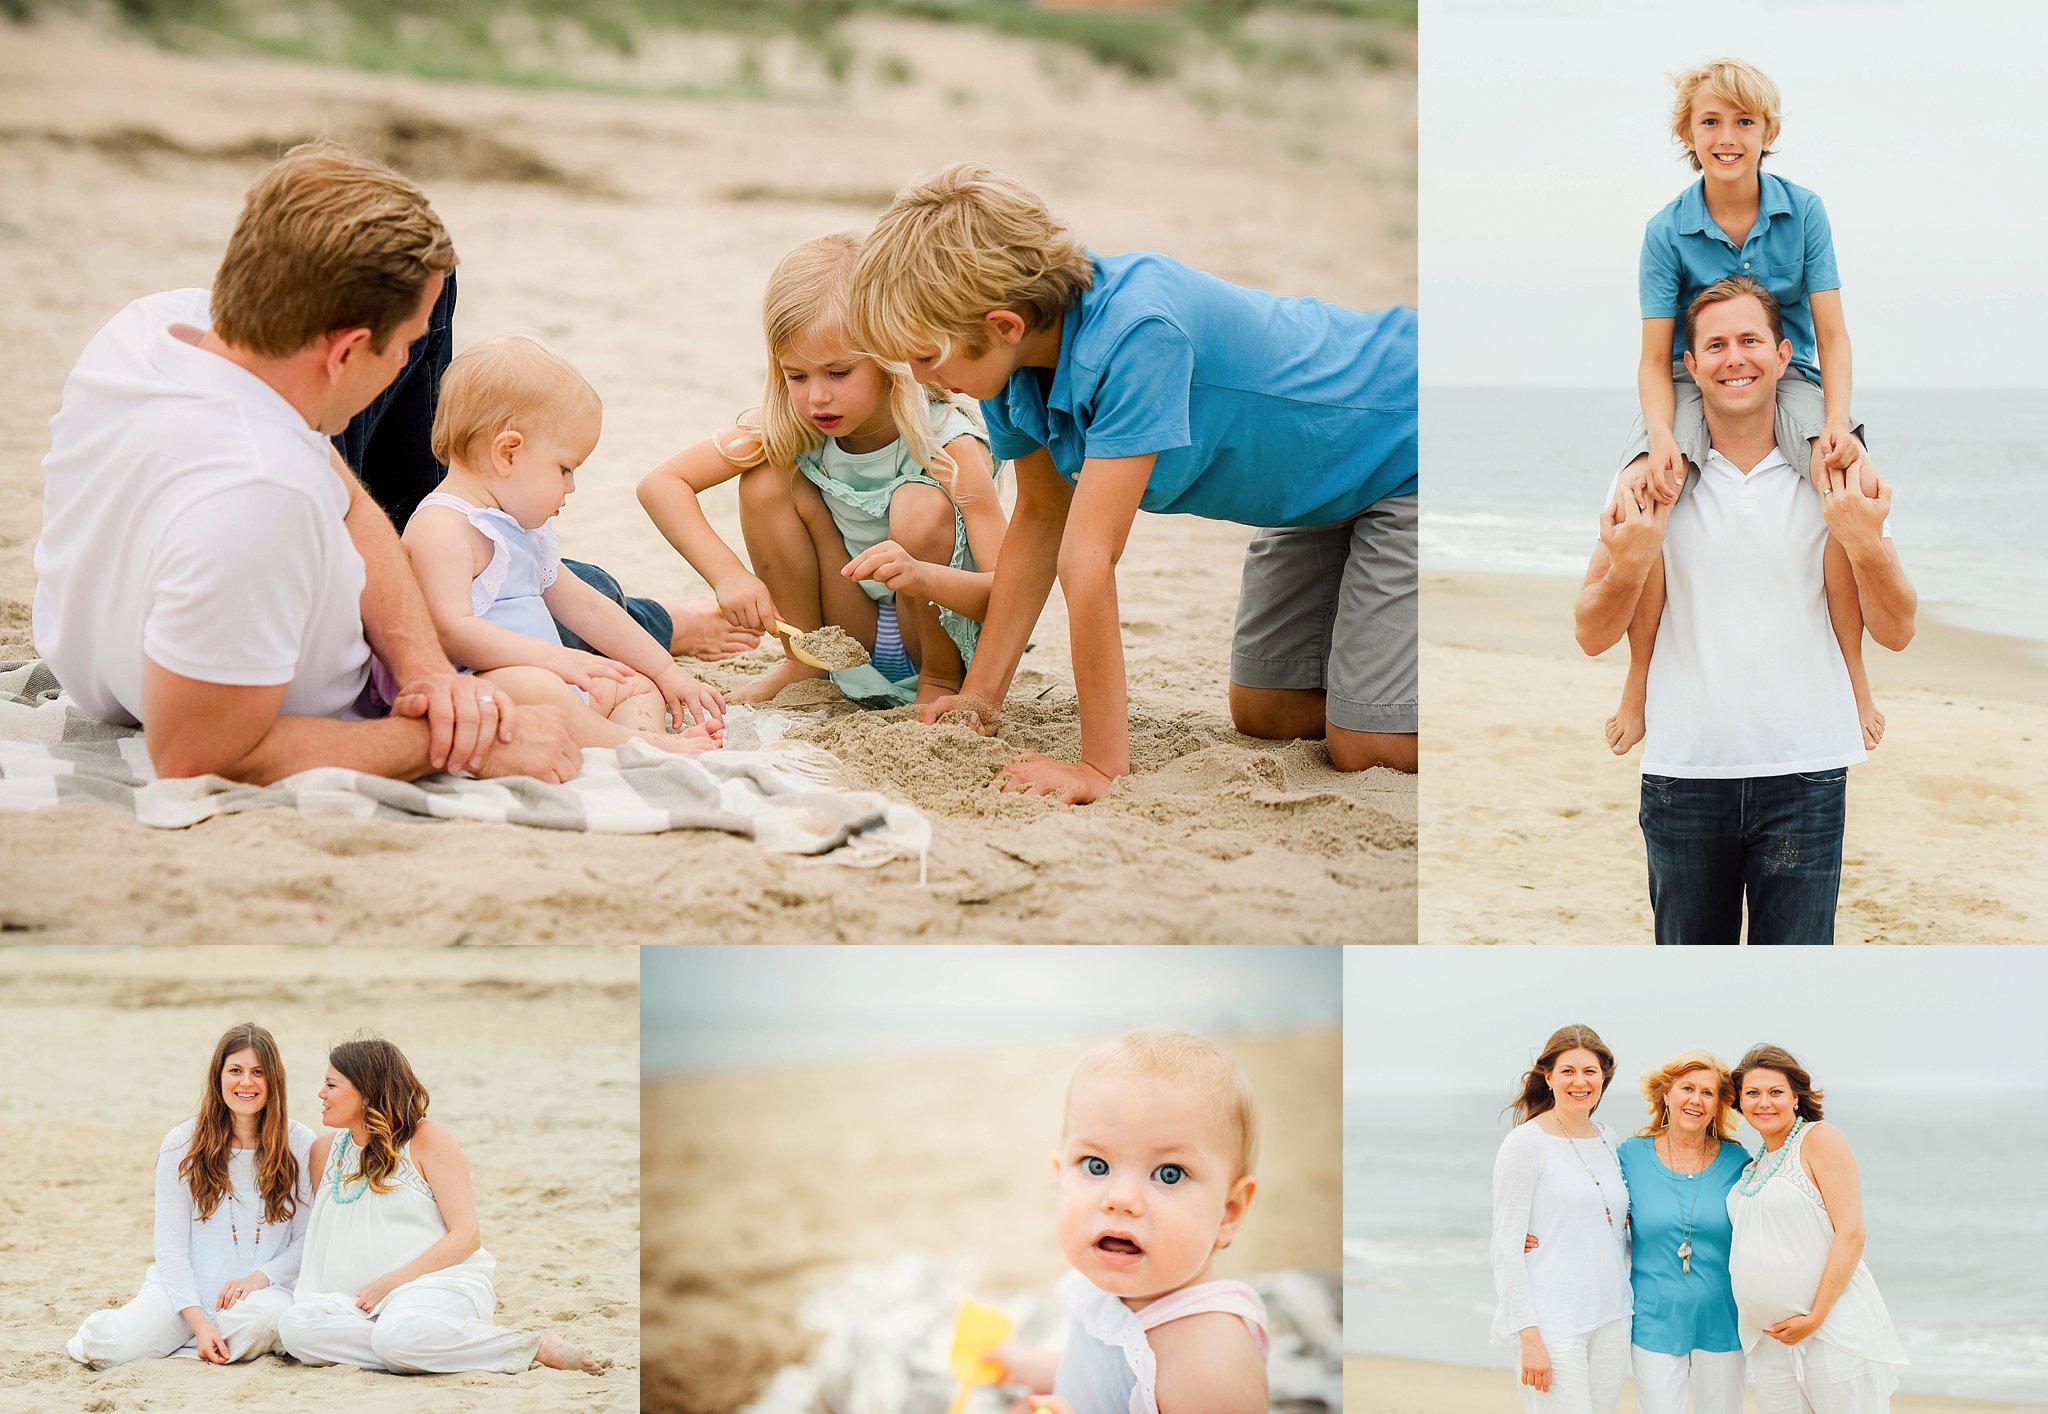 virginia-beach-photographers-melissa-bliss-photography-family-session-at-sandbridge-beach-2